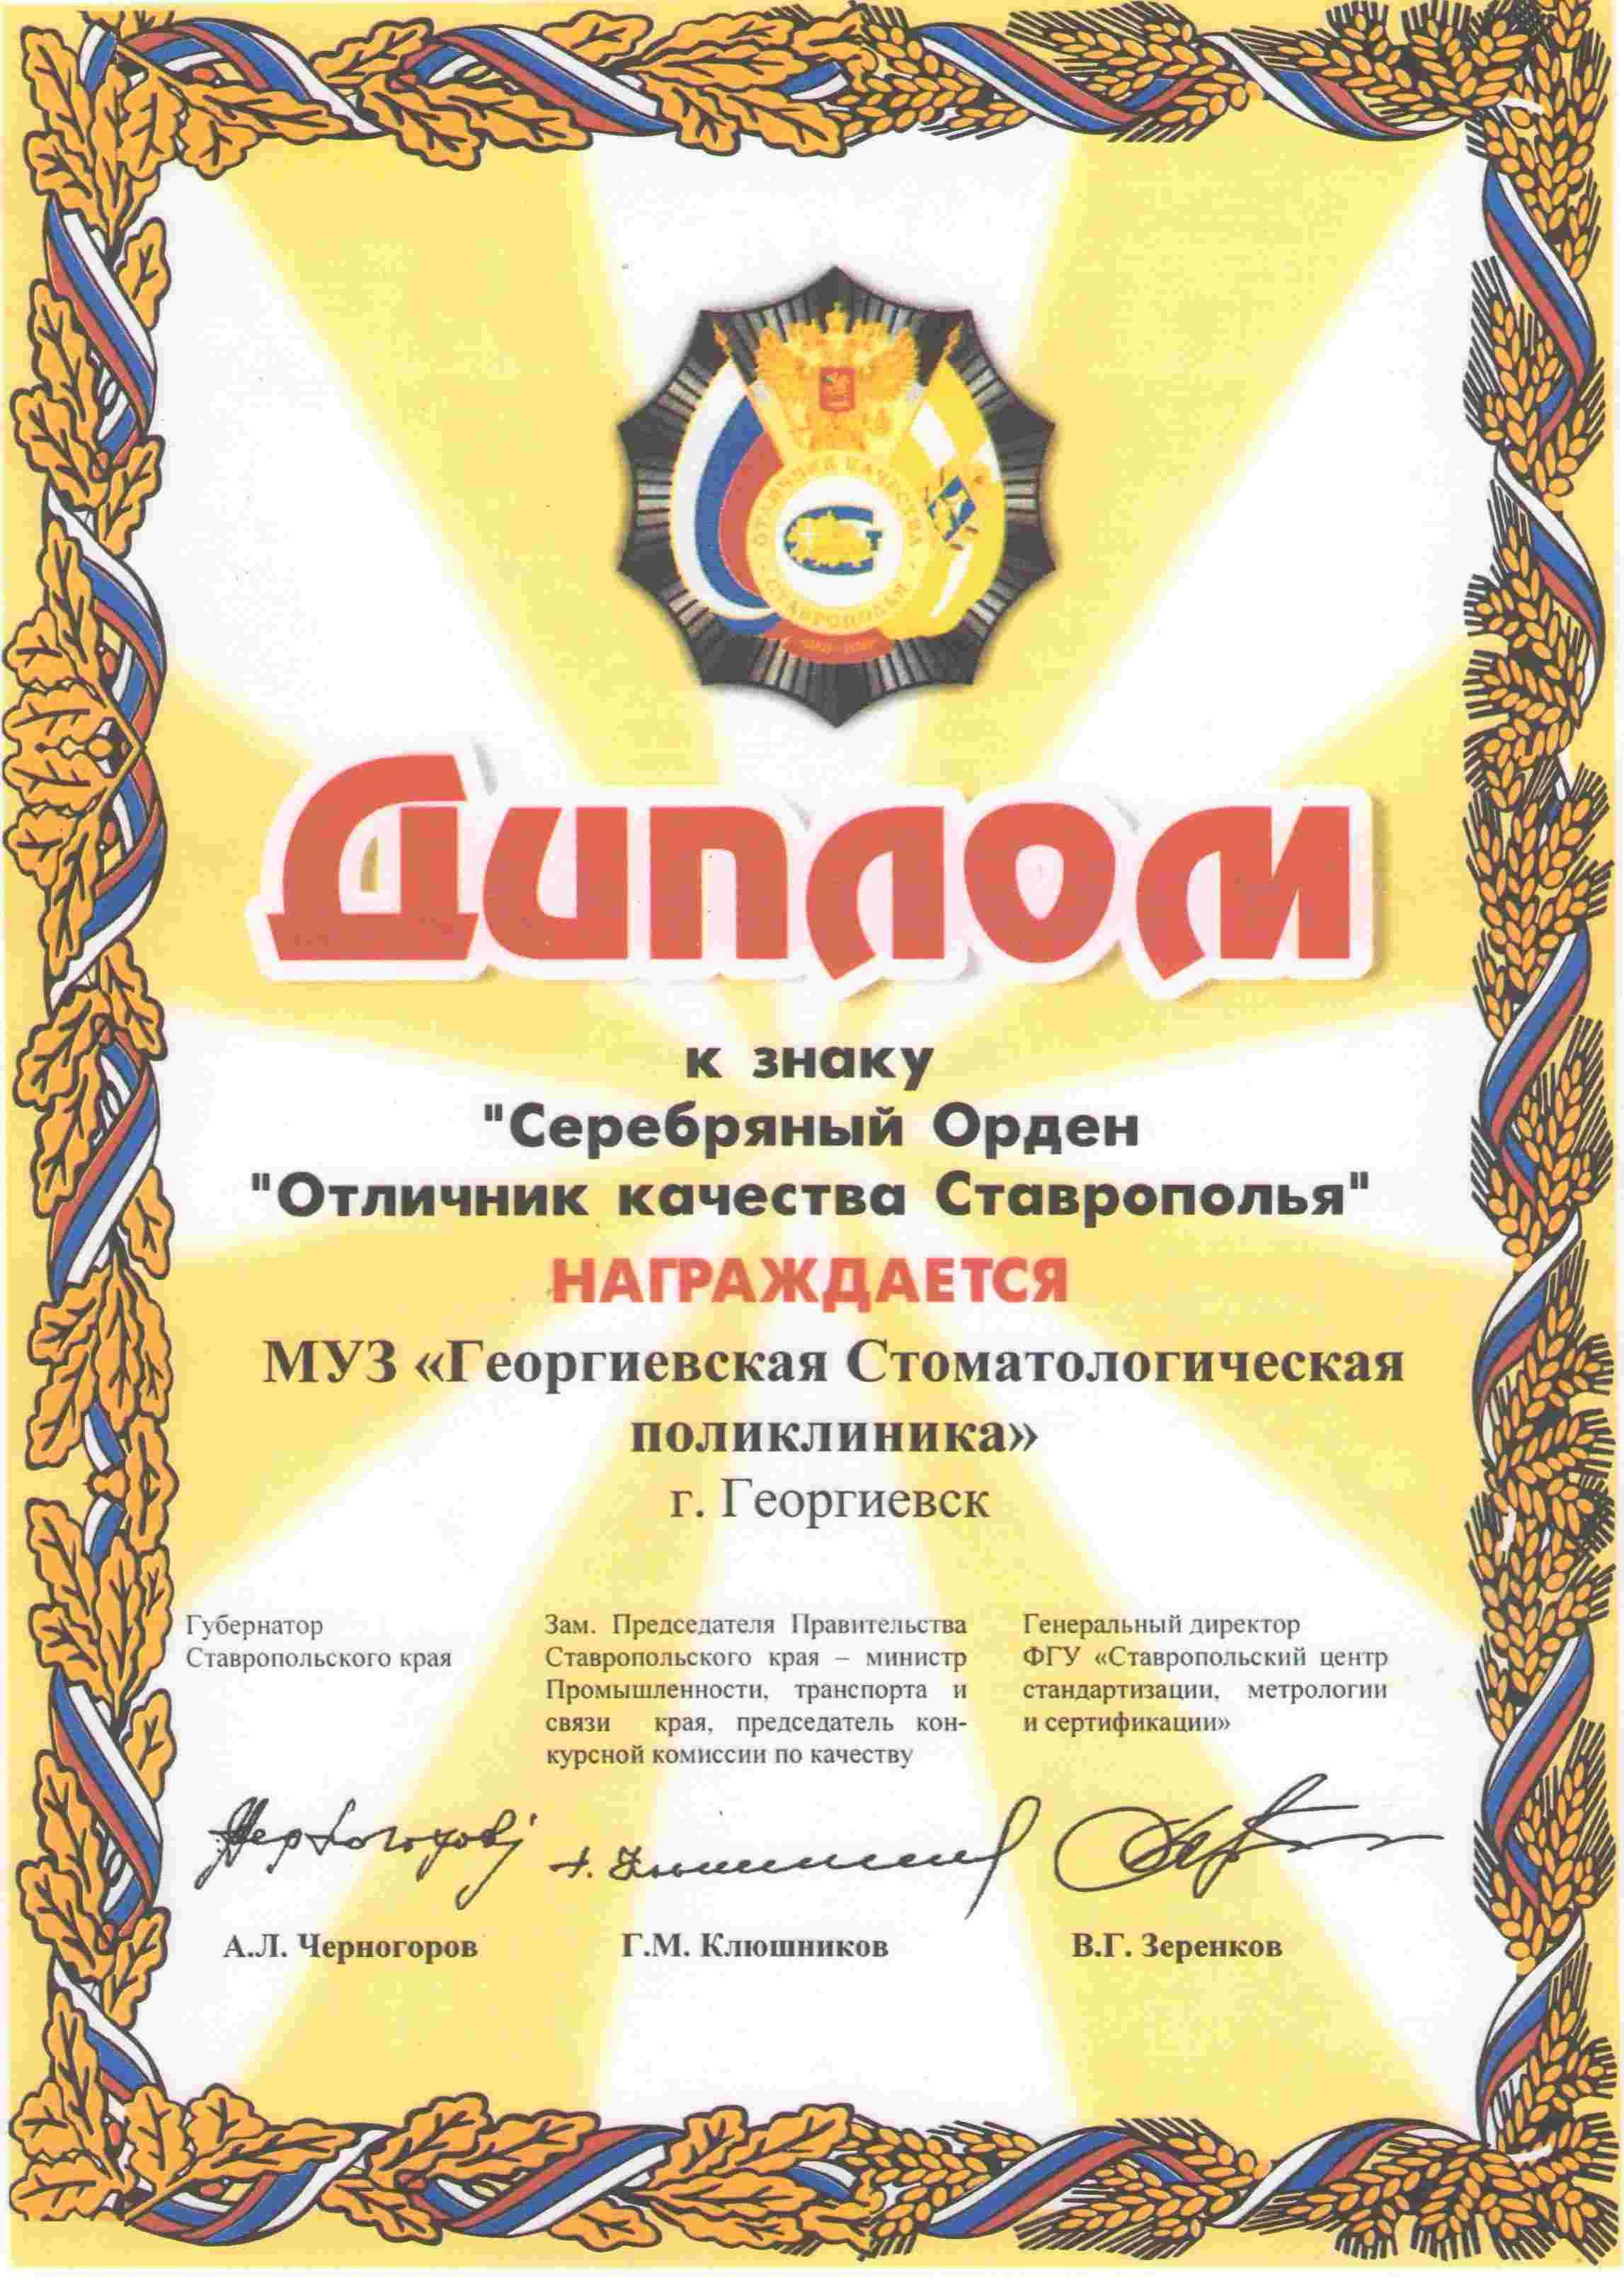 Диплом к знаку «Серебрянный орден «Отличник качества Ставрополья»